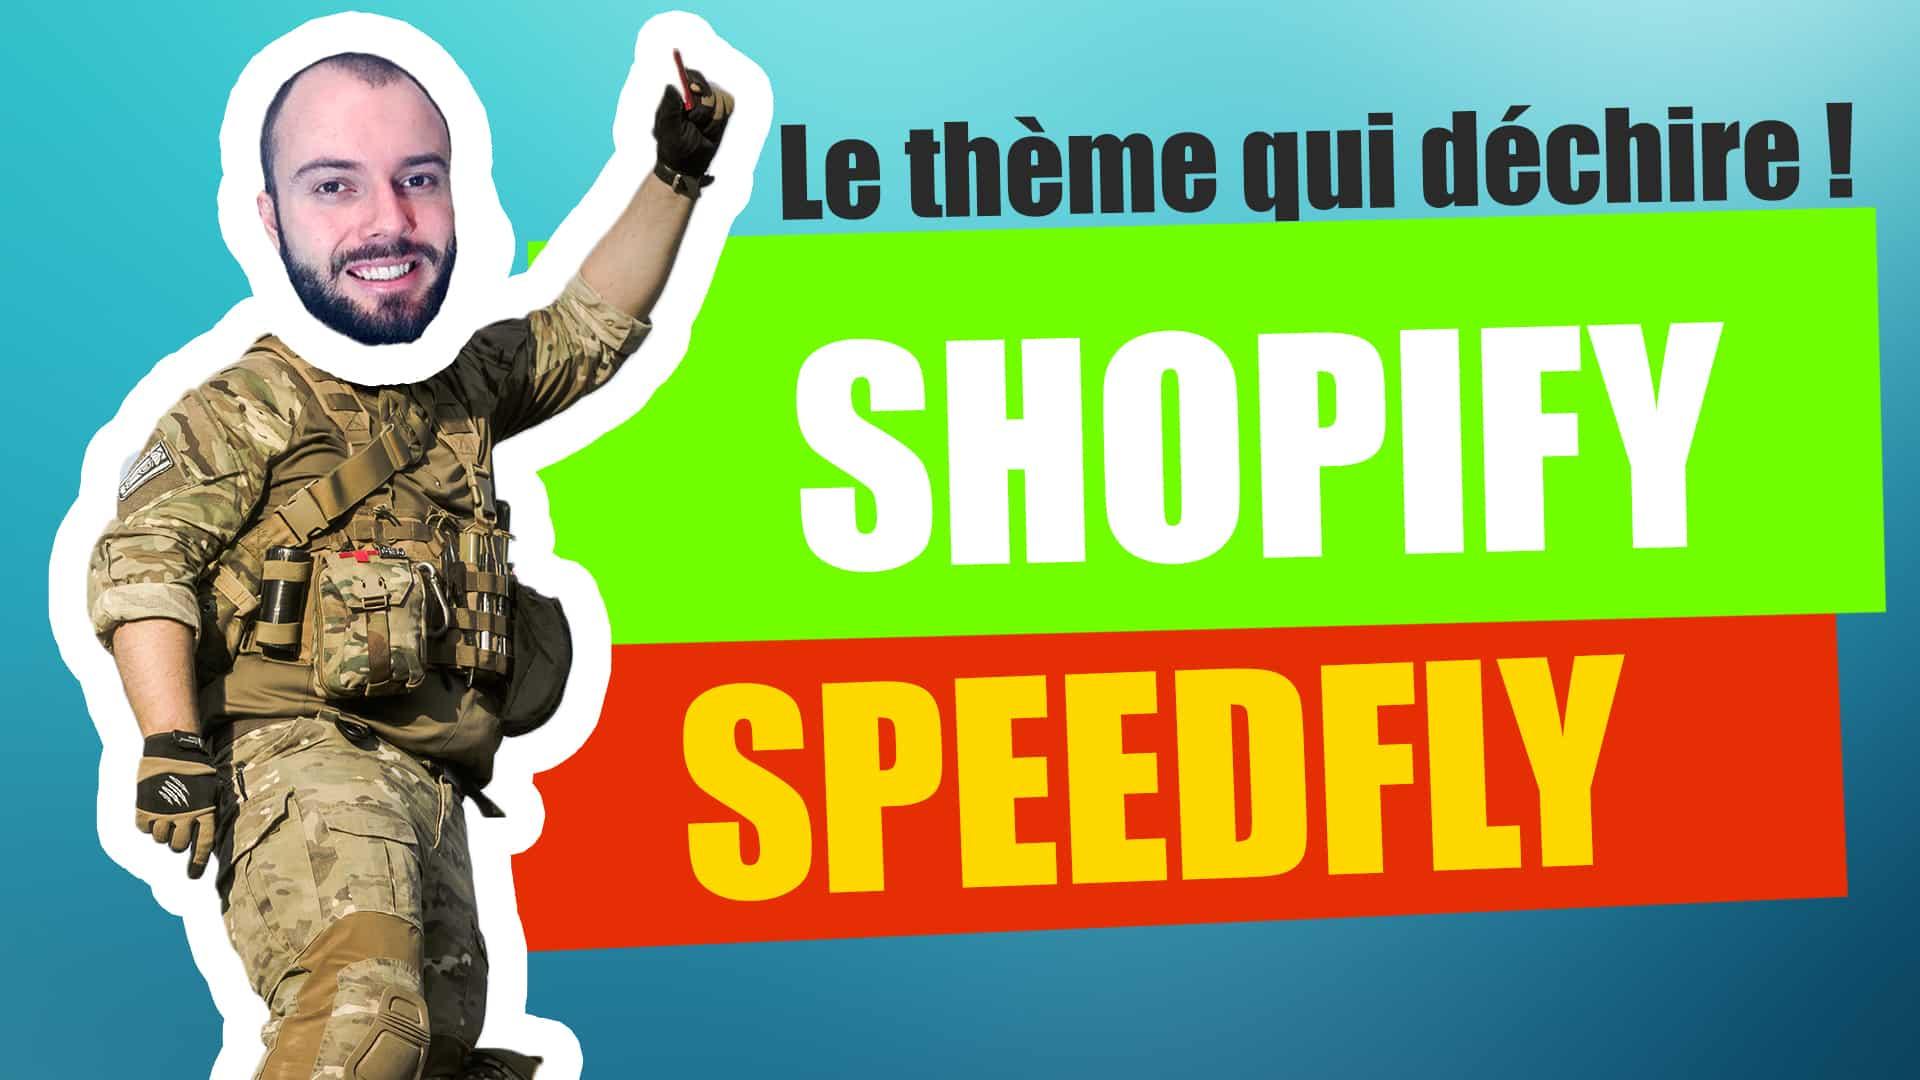 Speedfly – mon avis sur le thème shopify avec aliexpress